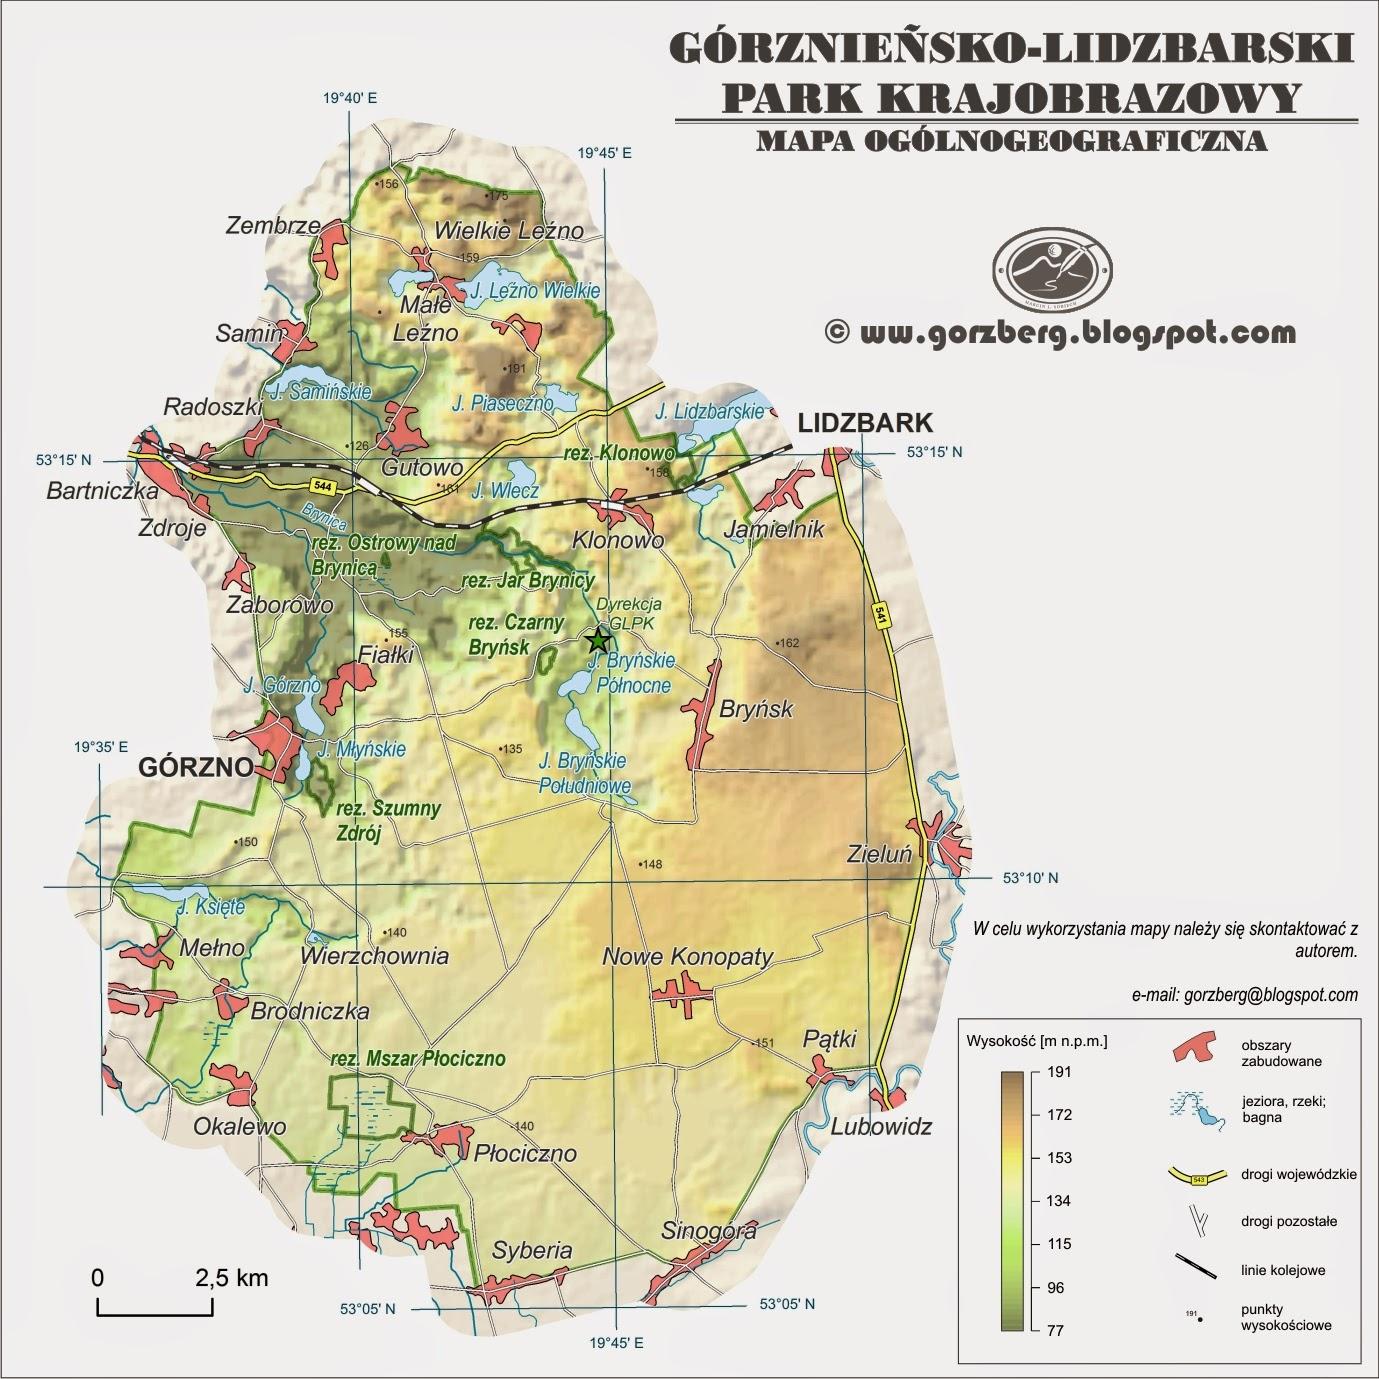 Mapa ogólnogeograficzna Górznieńsko-Lidzbarskiego Parku Krajobrazowego